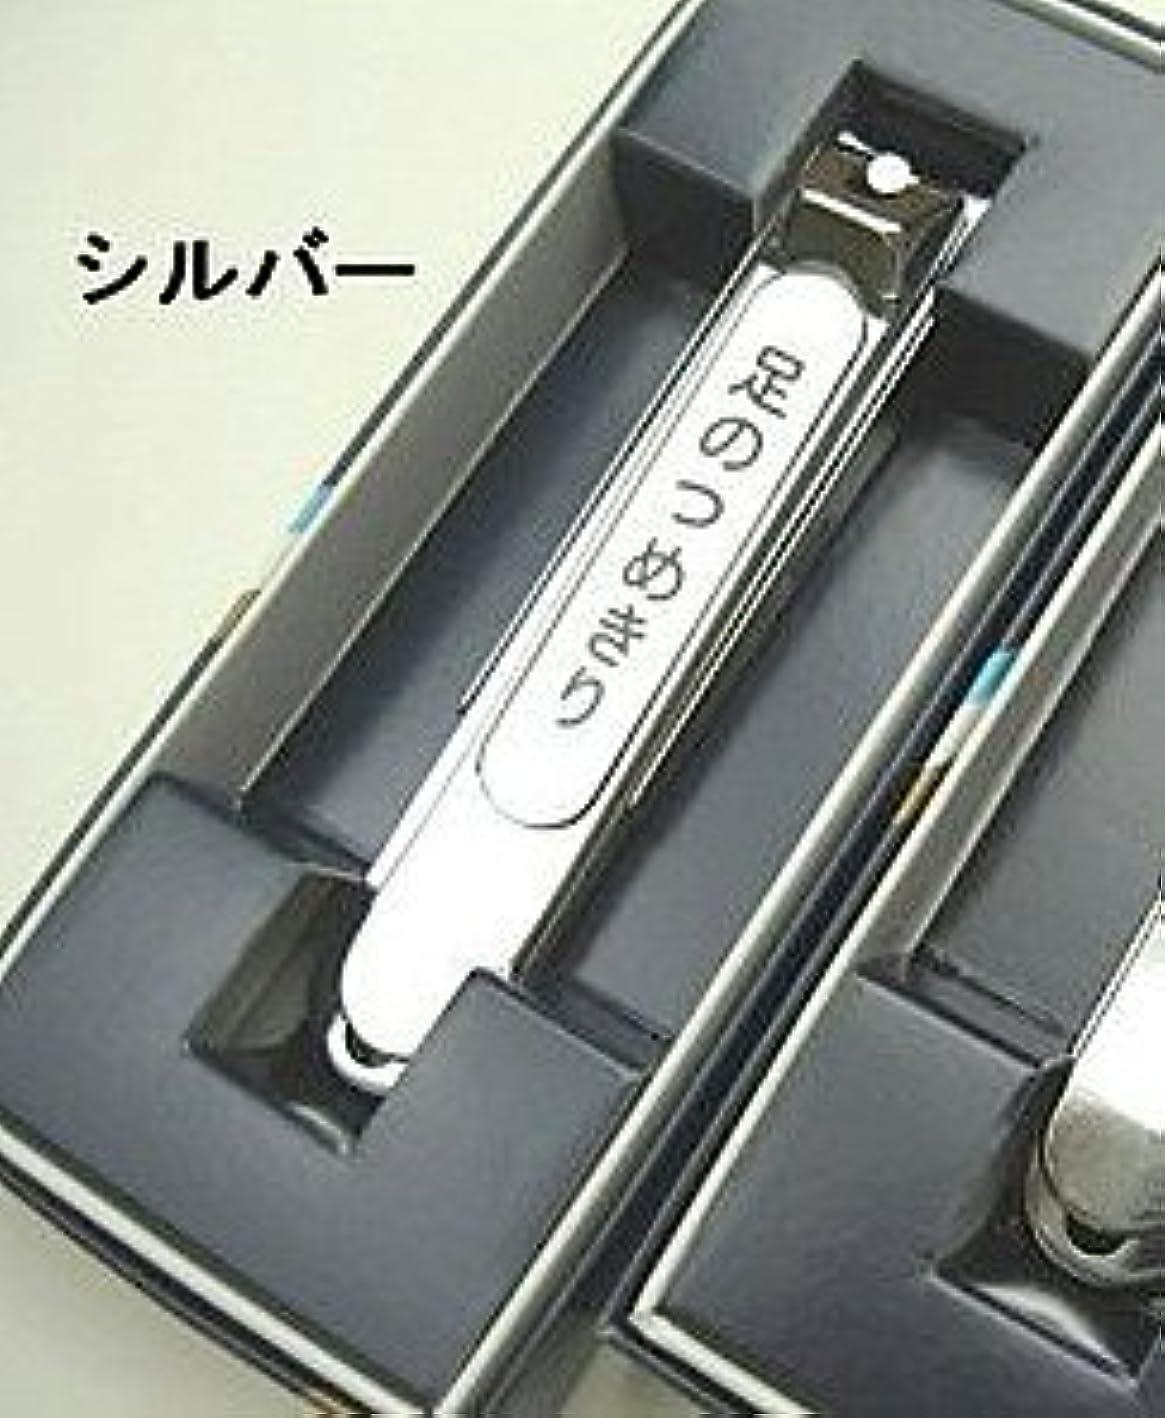 主権者ステップシアー【国産爪切り】 足の爪切り?カバー付 (NT-705C) (シルバー)